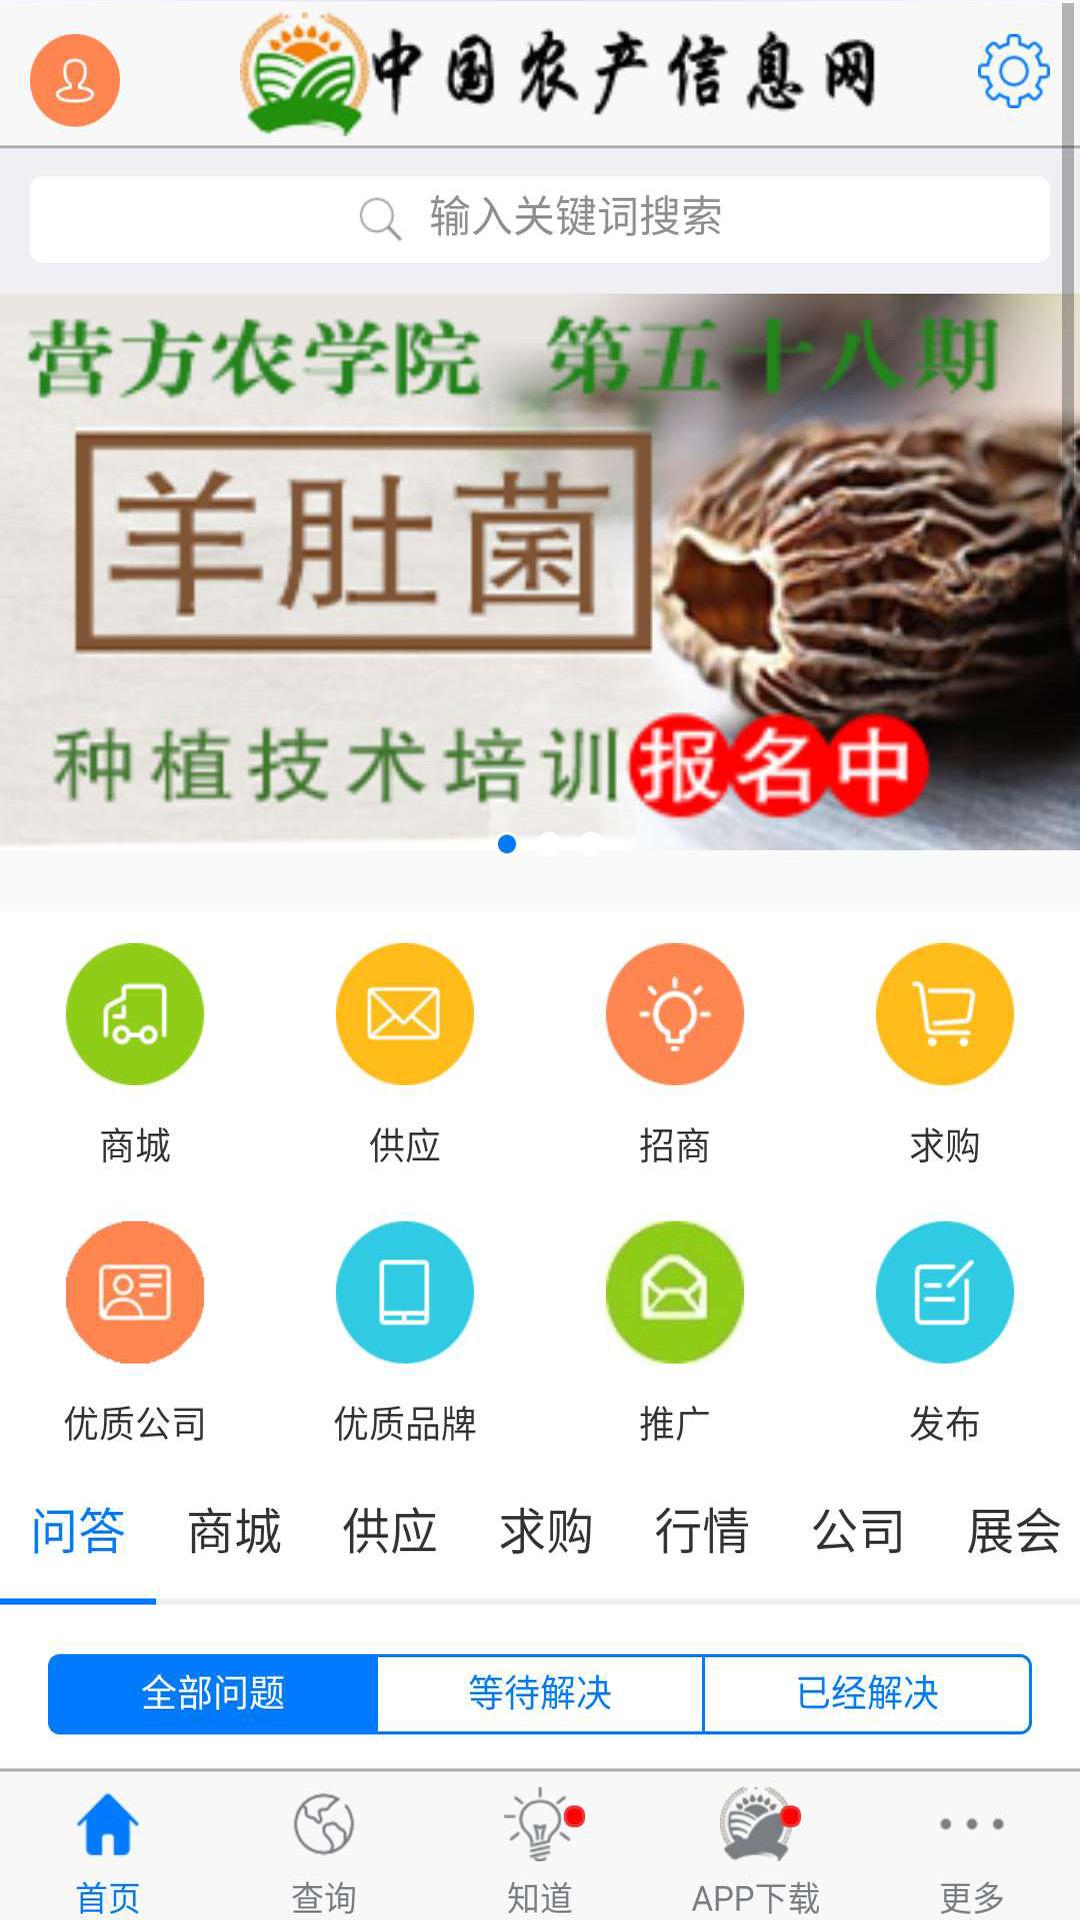 中国农产信息网截图